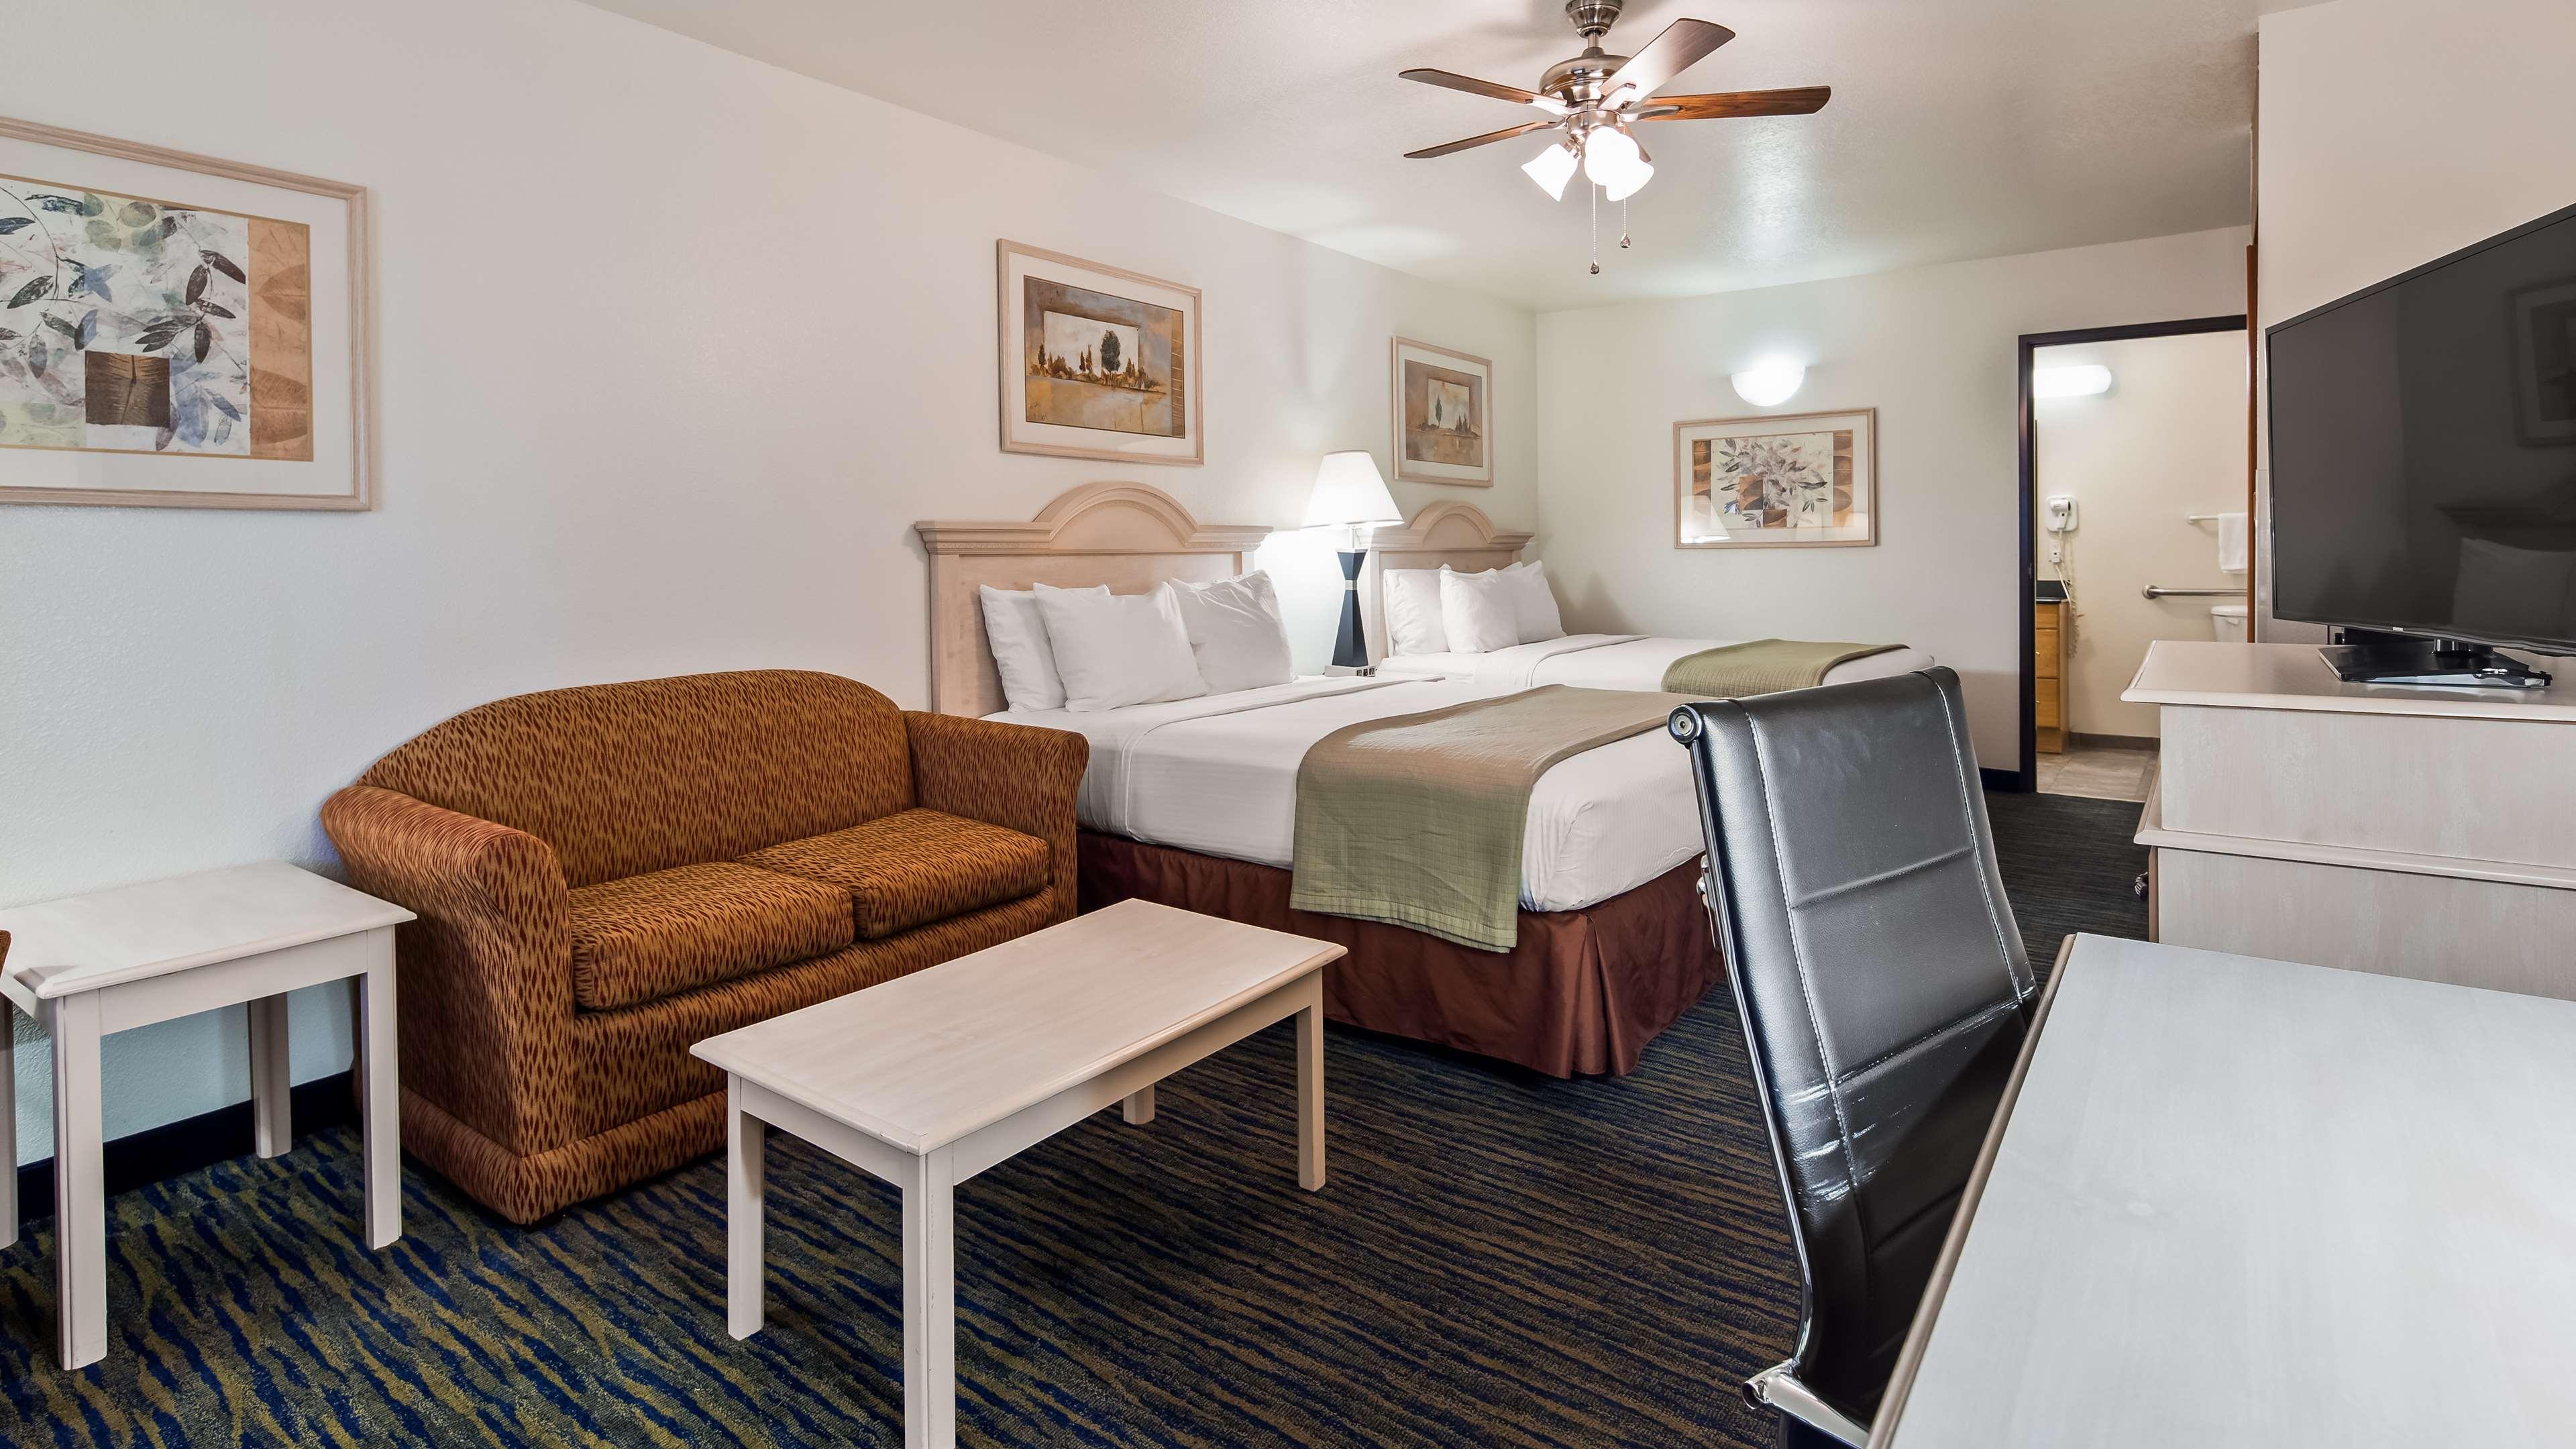 SureStay Hotel by Best Western Falfurrias image 3